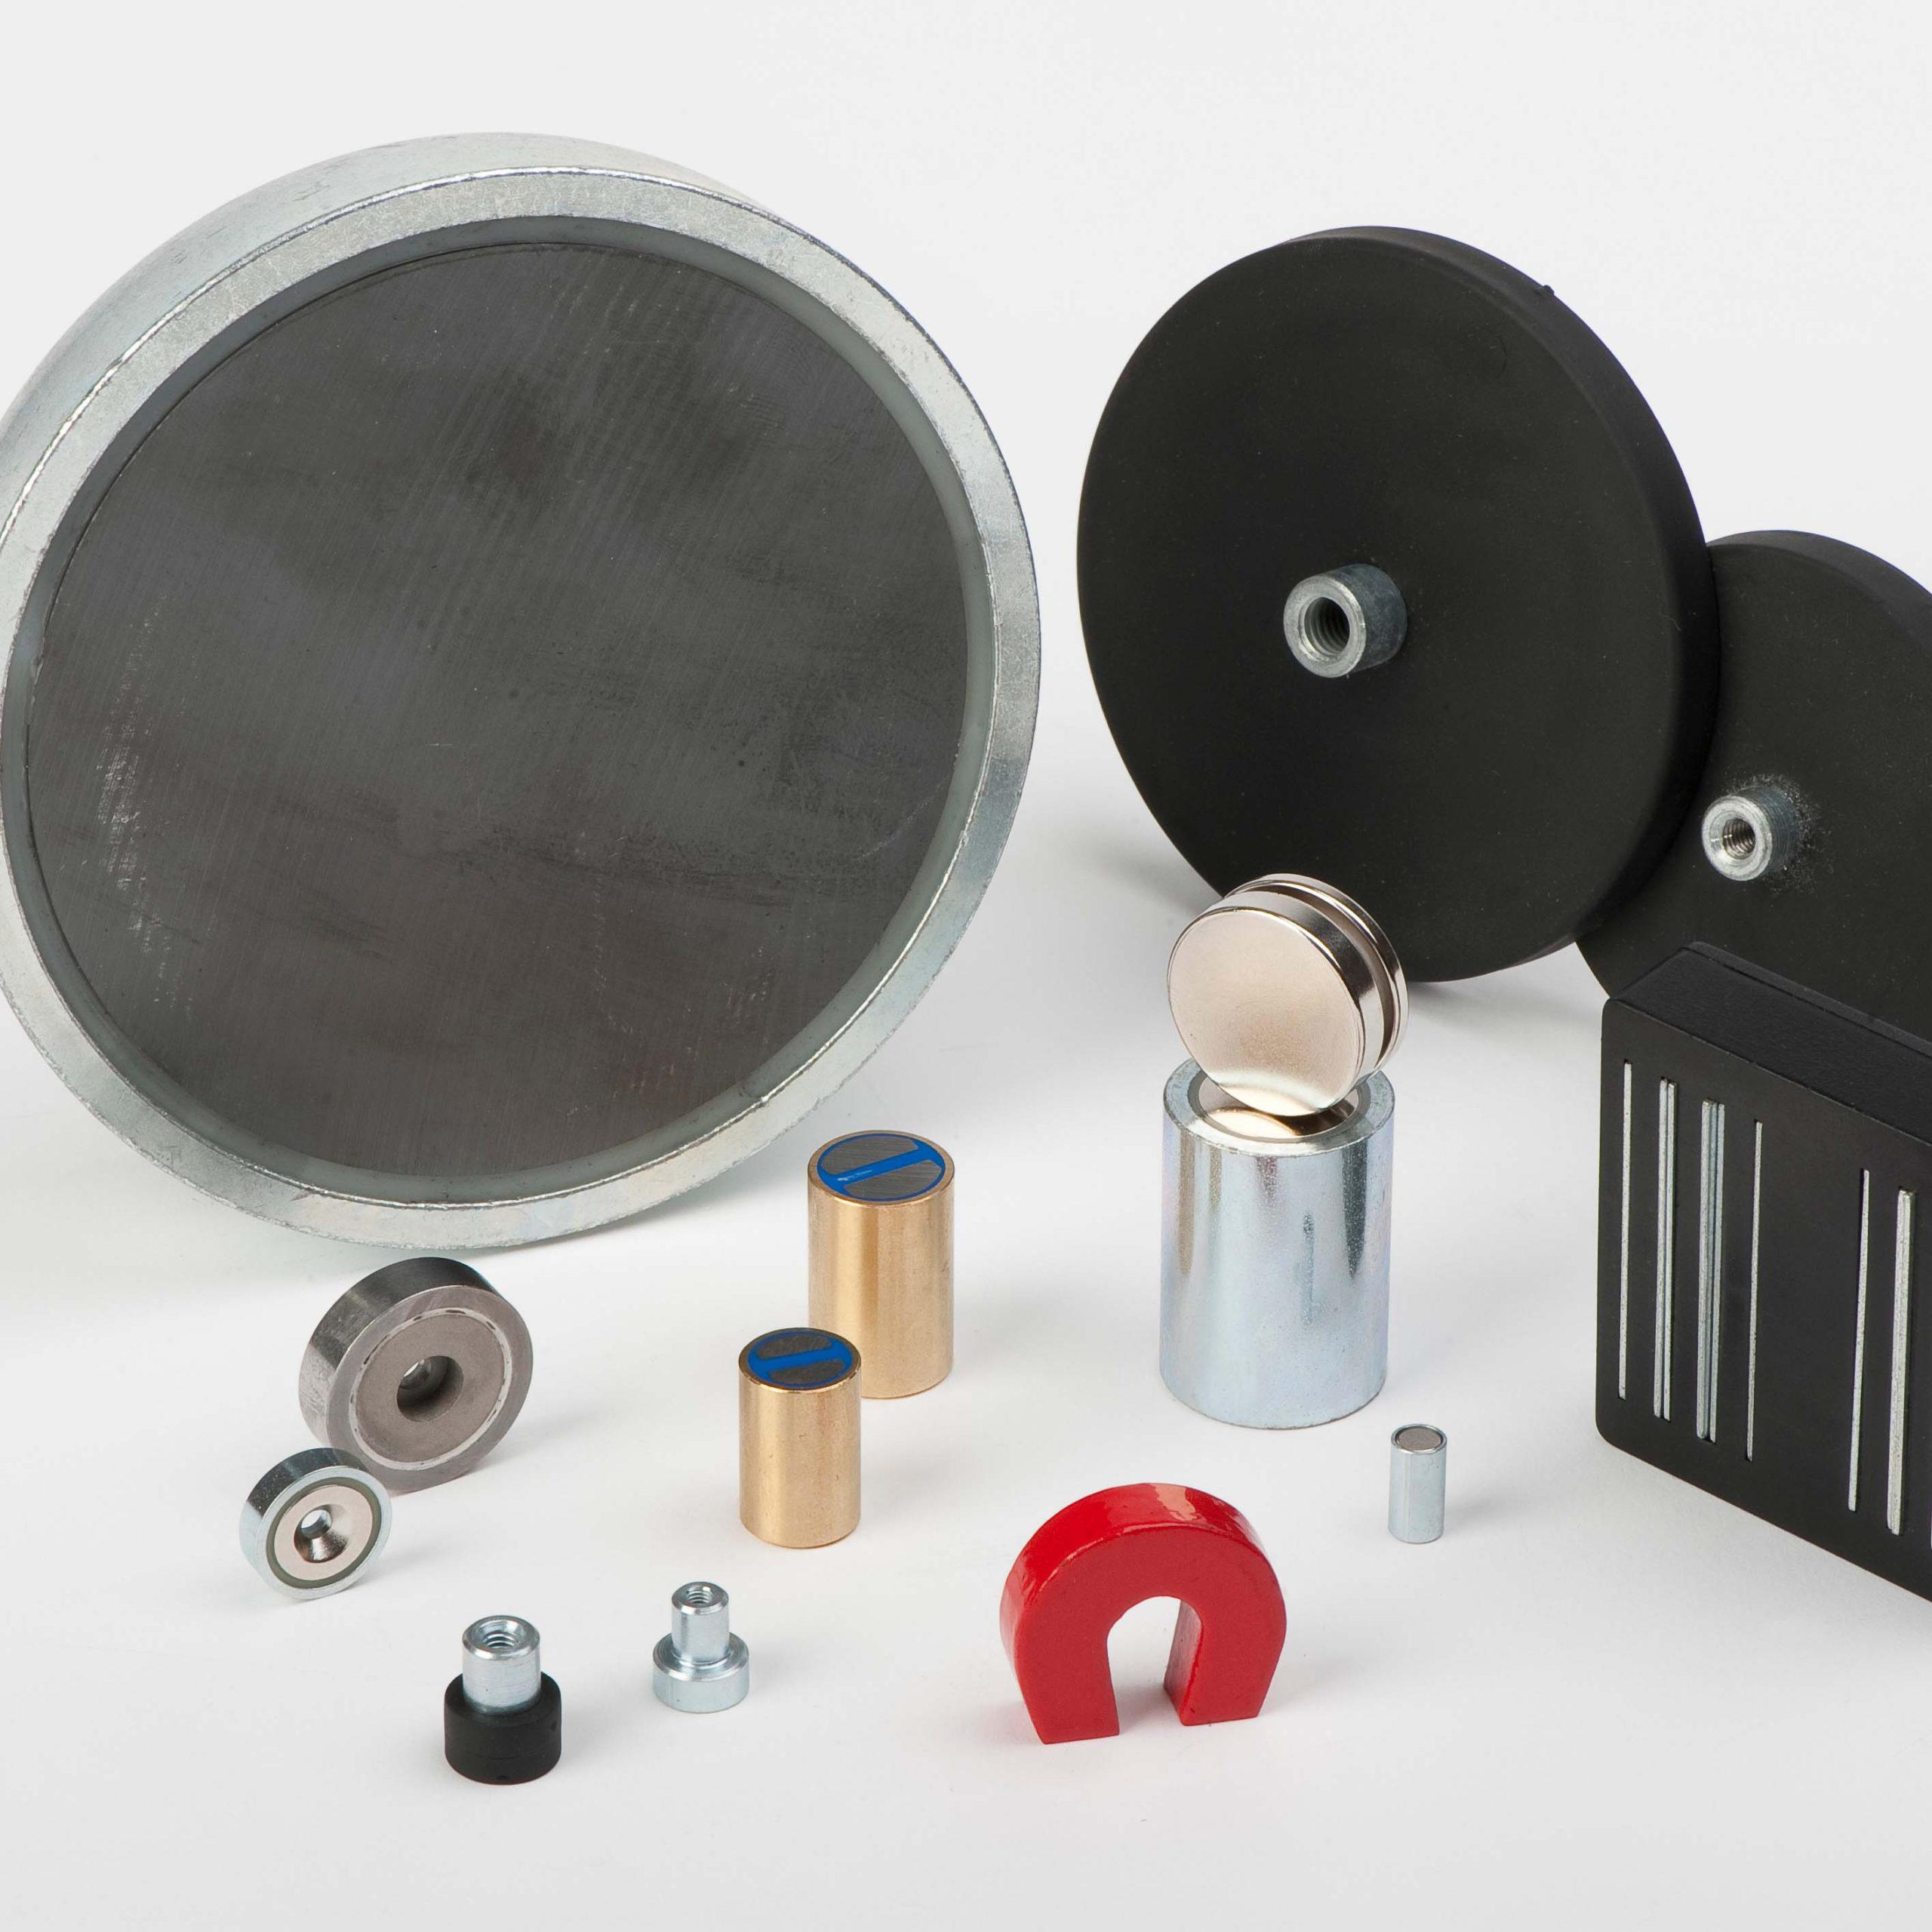 Schallenkammer Magnetsysteme GmbH